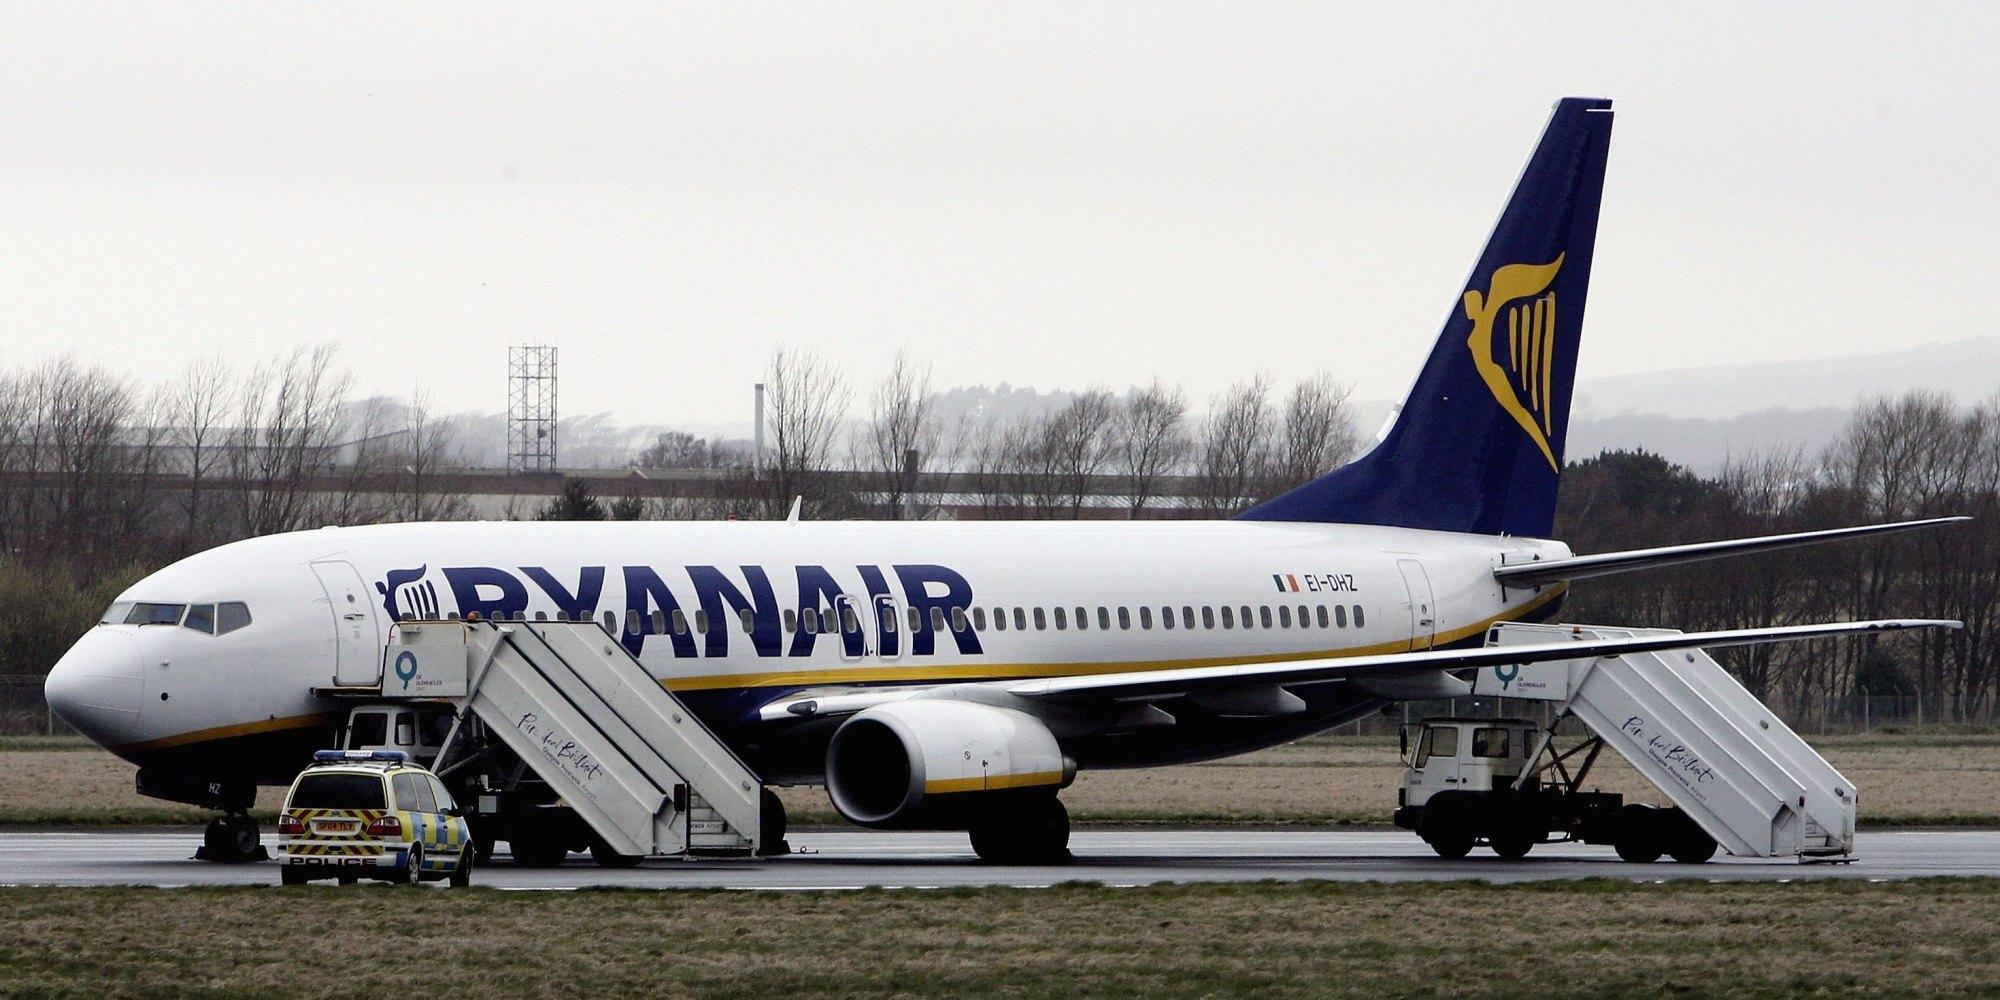 Ryanair: Mallorca-Flieger muss umkehren - Feueralarm